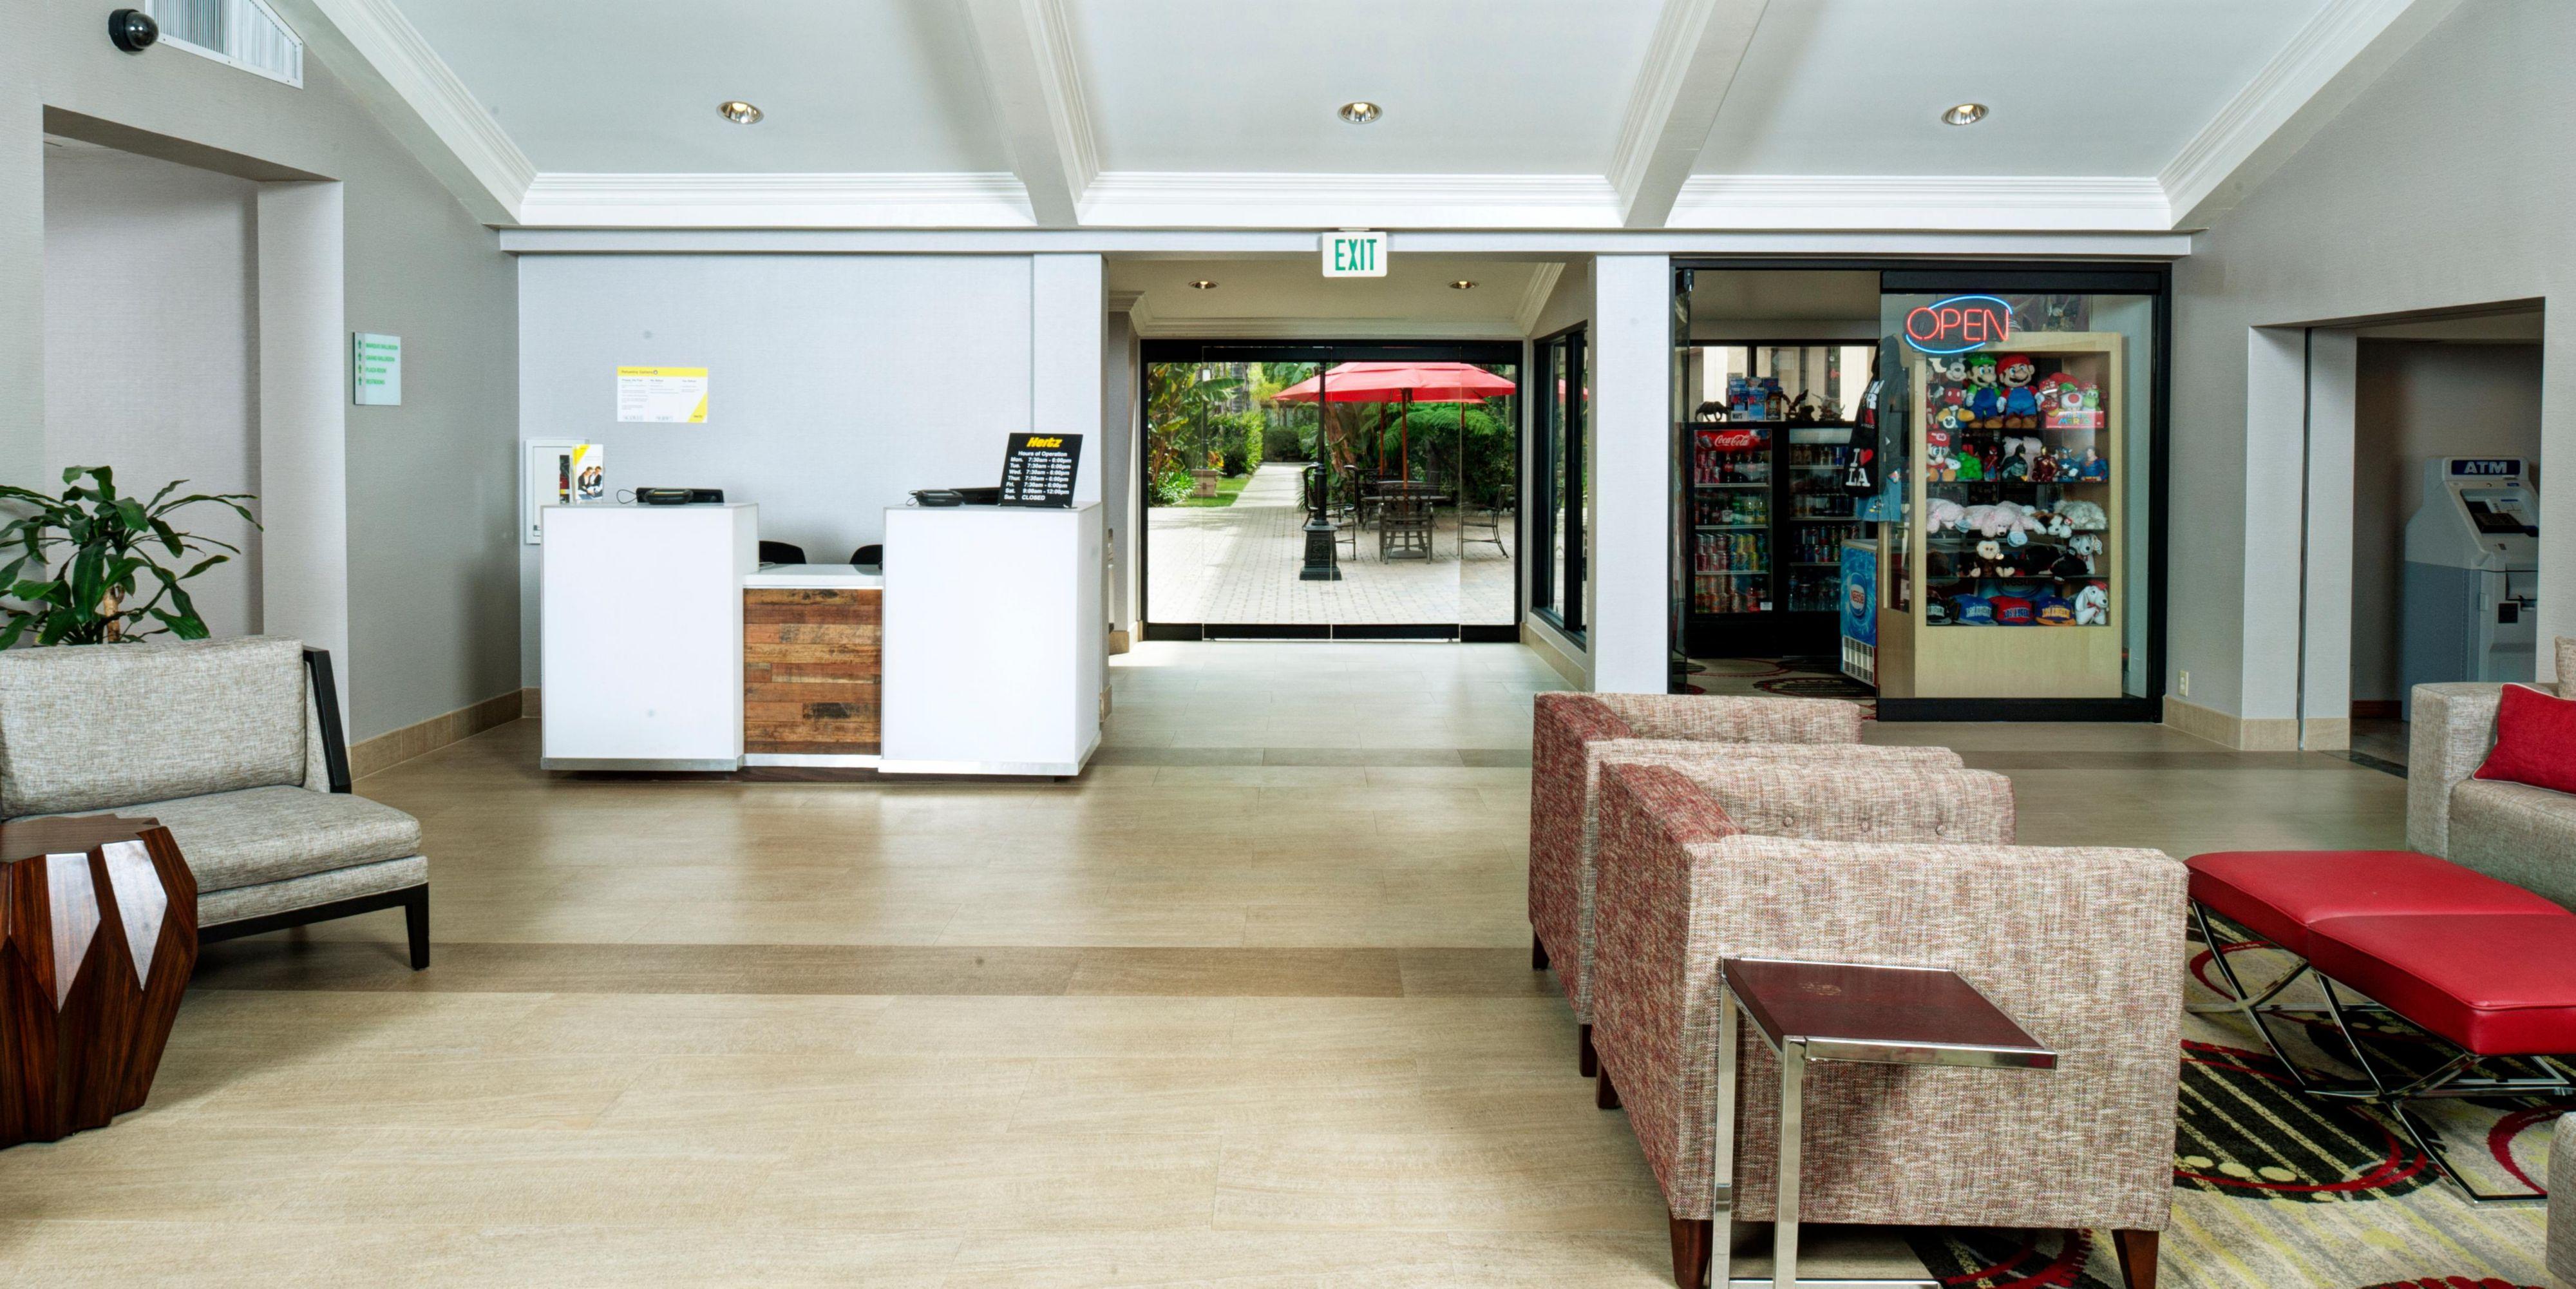 Hotels in Buena Park, CA near Knott's Berry Farm | Holiday